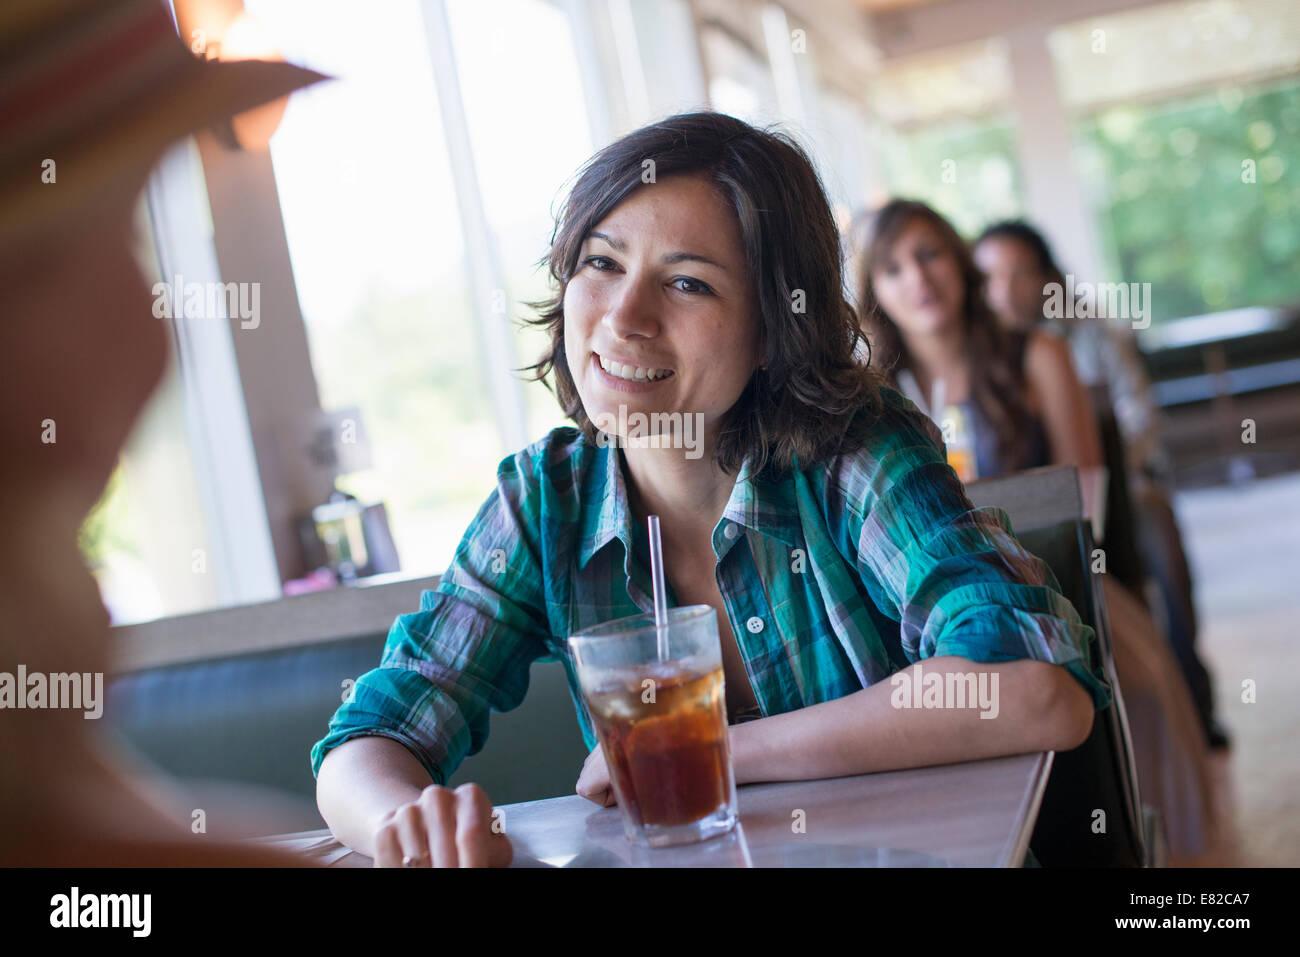 Una donna seduta a una cena guardando il suo compagno. Un fresco drink con una cannuccia. Immagini Stock